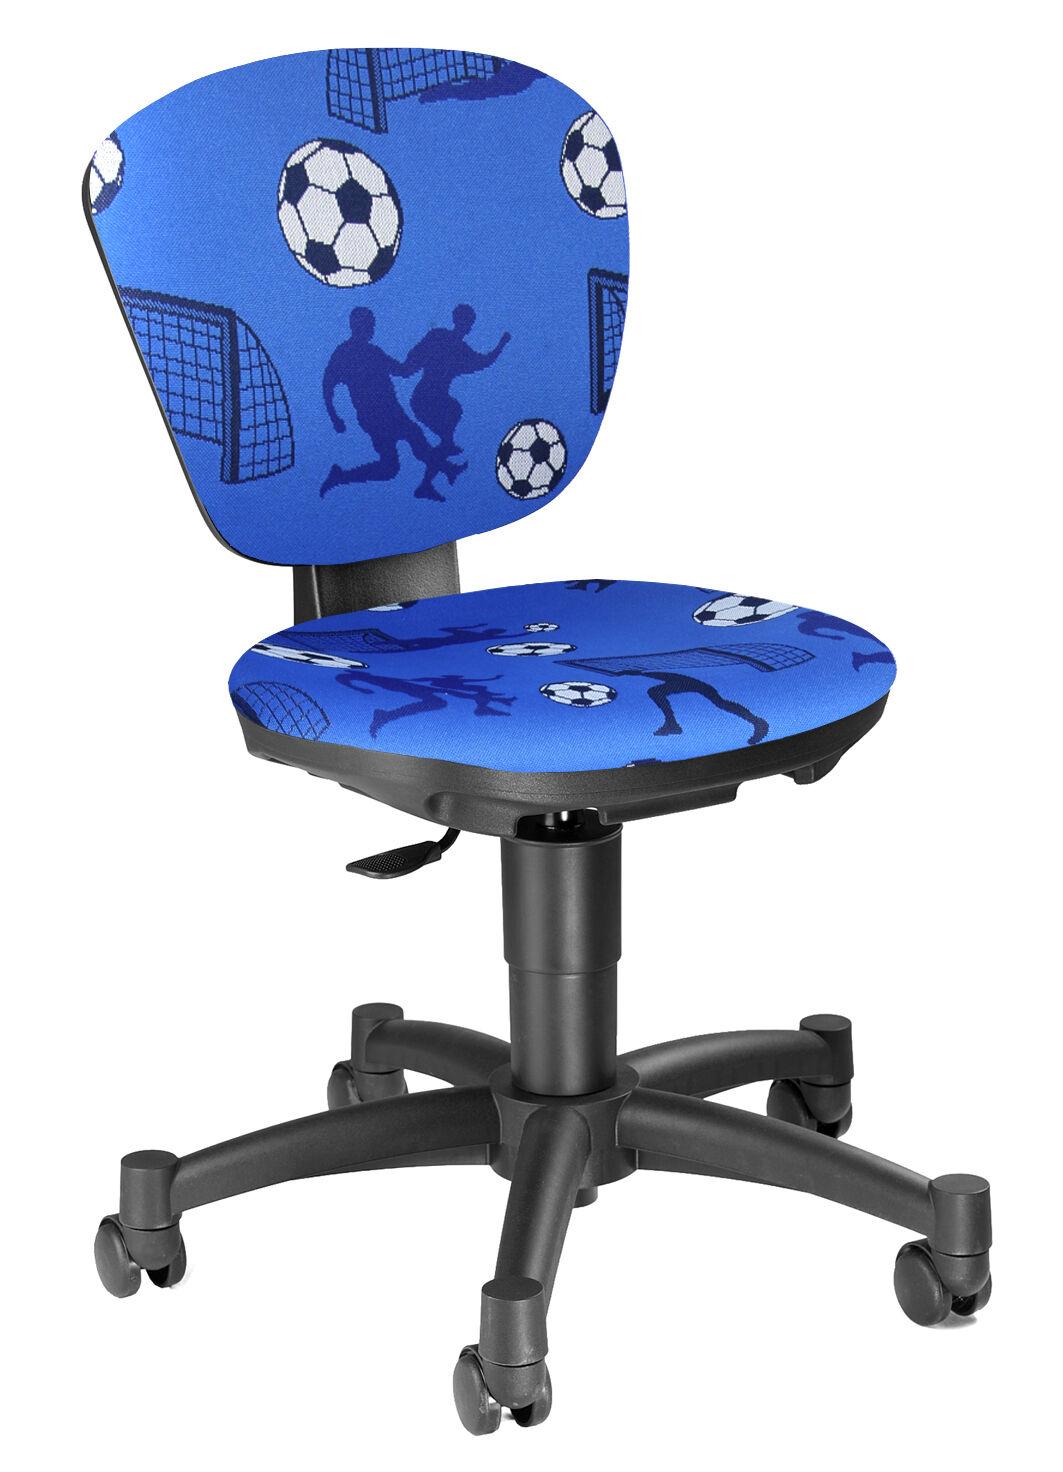 Kinderdrehstuhl Schreibtischstuhl Bürostuhl Topstar Ergo Kid Fußball blau B-Ware